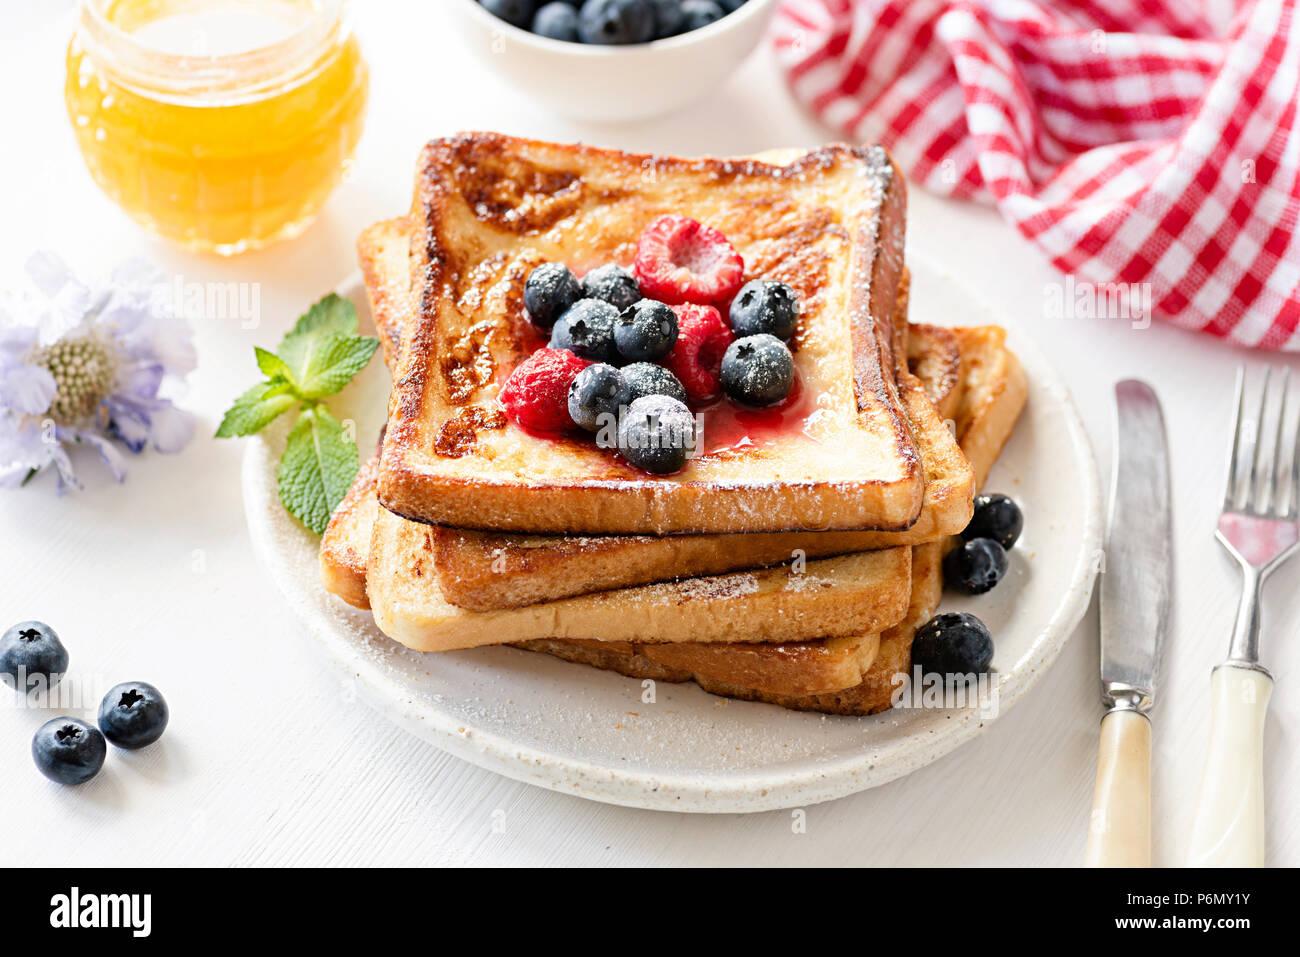 Köstliche French Toast mit Beeren und Honig auf weiße Platte. Leckeres Frühstück Konzept Stockbild